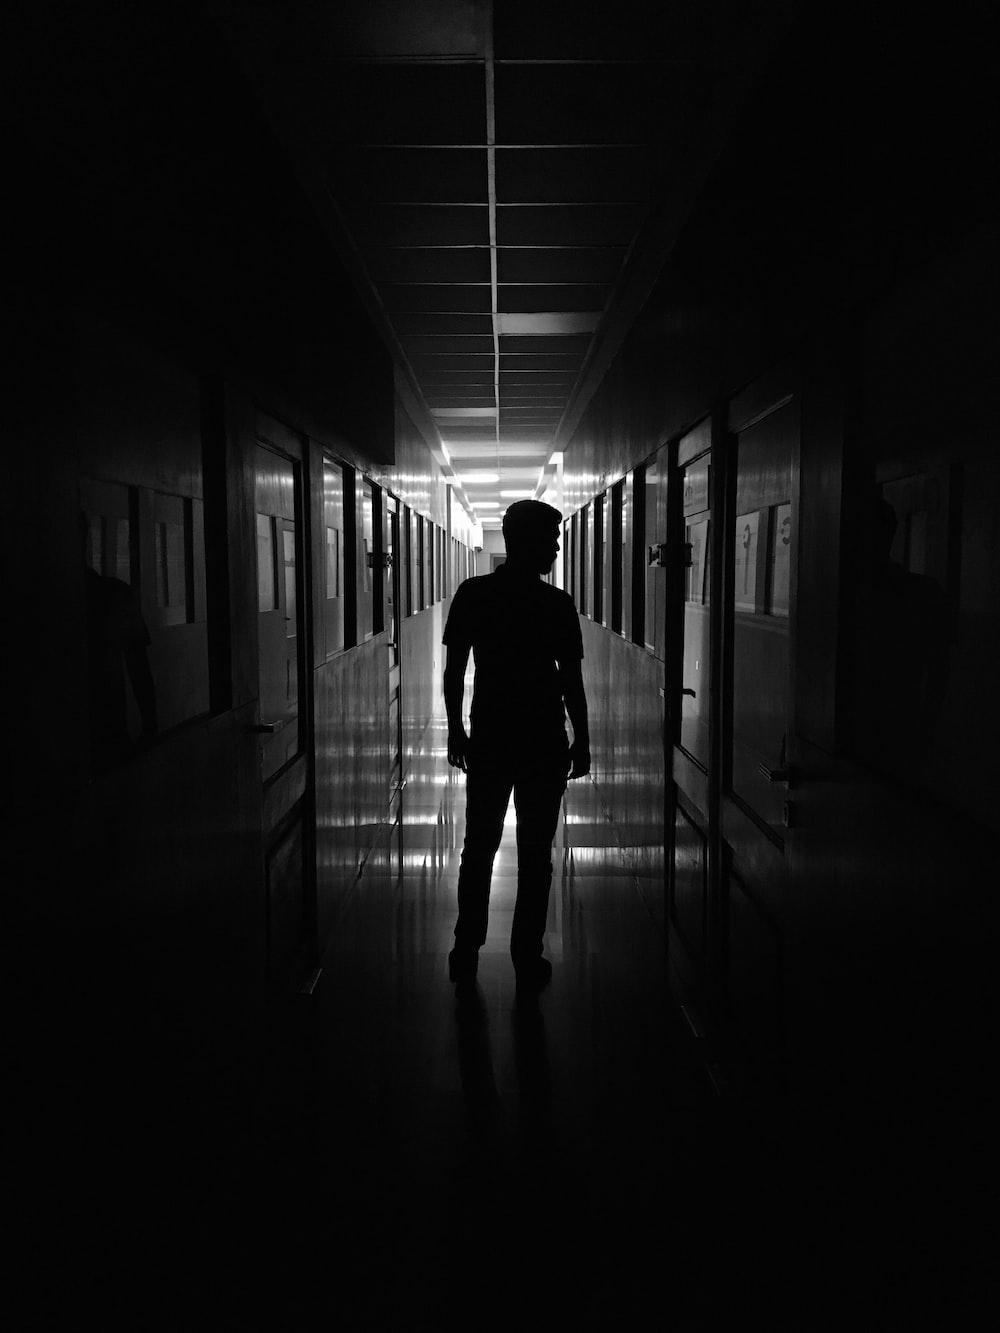 man standing in between rooms